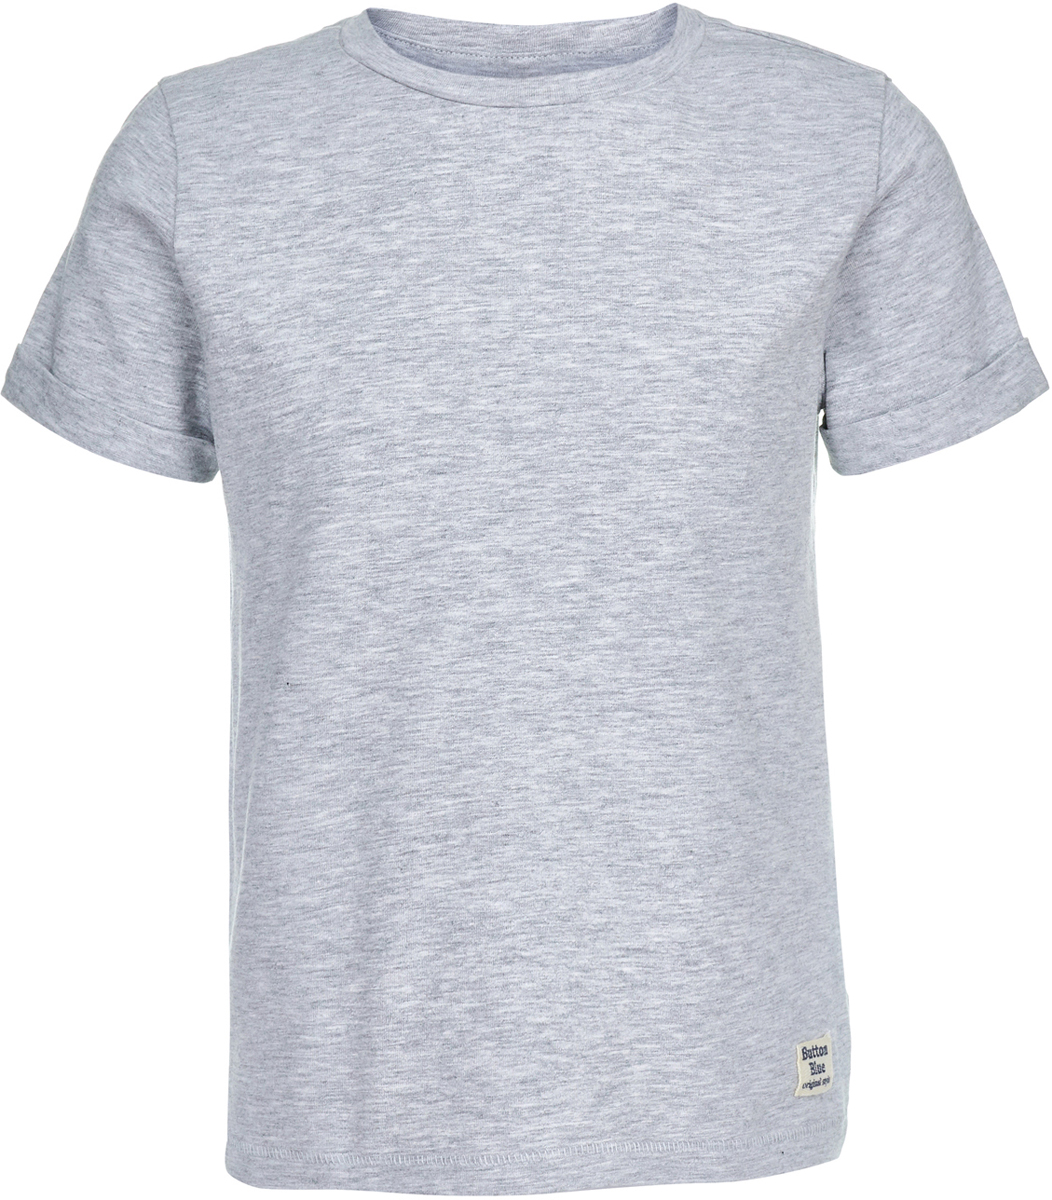 Футболка для мальчика Button Blue, цвет: серый. 118BBBC12011900. Размер 134118BBBC12011900Легкая трикотажная однотонная футболка от Button Blue - идеальная одежда на лето для мальчика. Футболка с коротким рукавом изготовлена из эластичного хлопка. Круглый вырез горловины дополнен трикотажной резинкой. Такая футболка станет основой множества образов, а универсальный цвет модели позволяет ей удачно смотреться в сочетании с самыми разными цветами и оттенками.